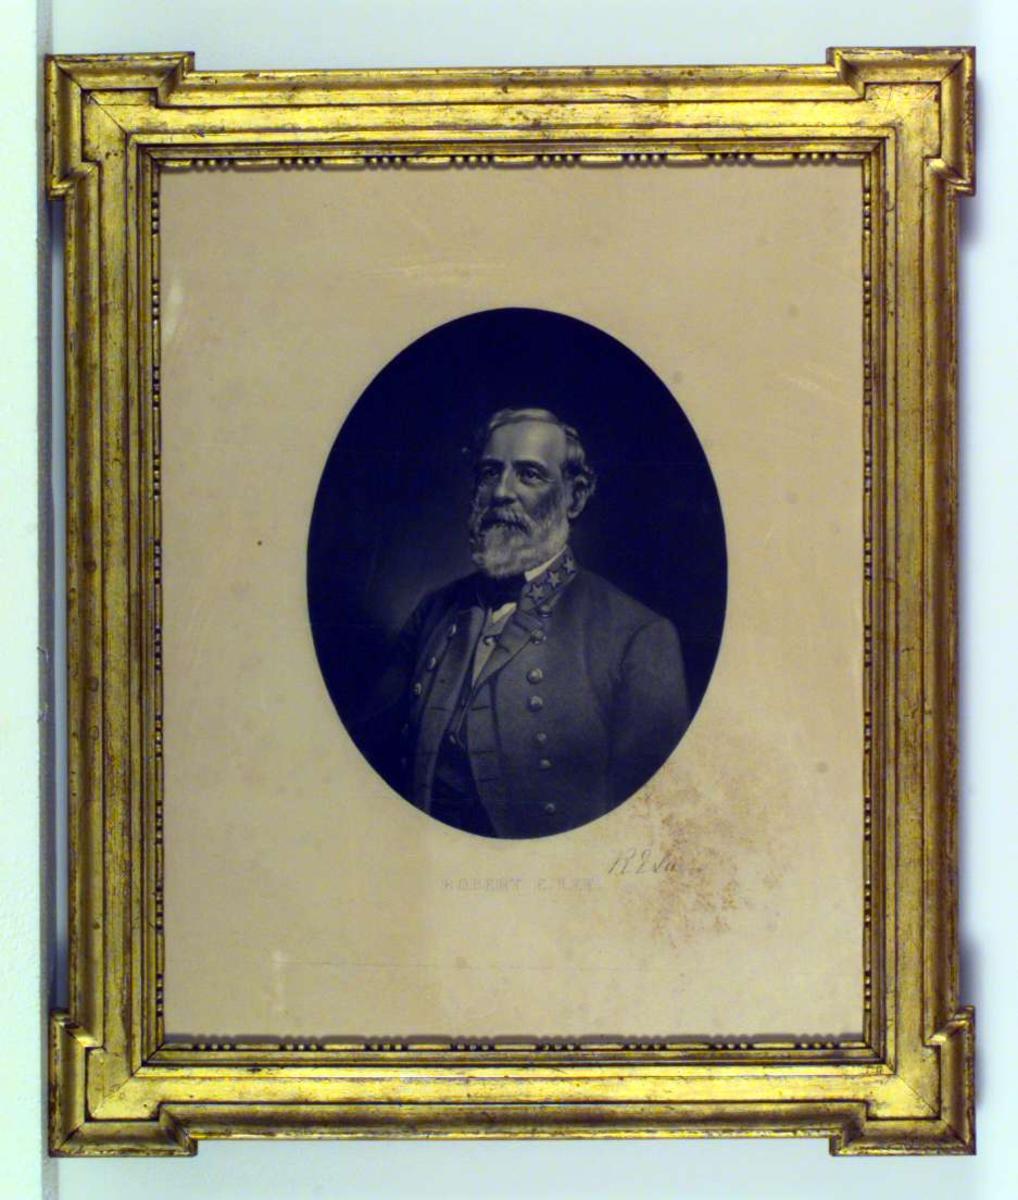 Portrett av den amerikanske offiser og sørstatsmann Robert E. Lee.